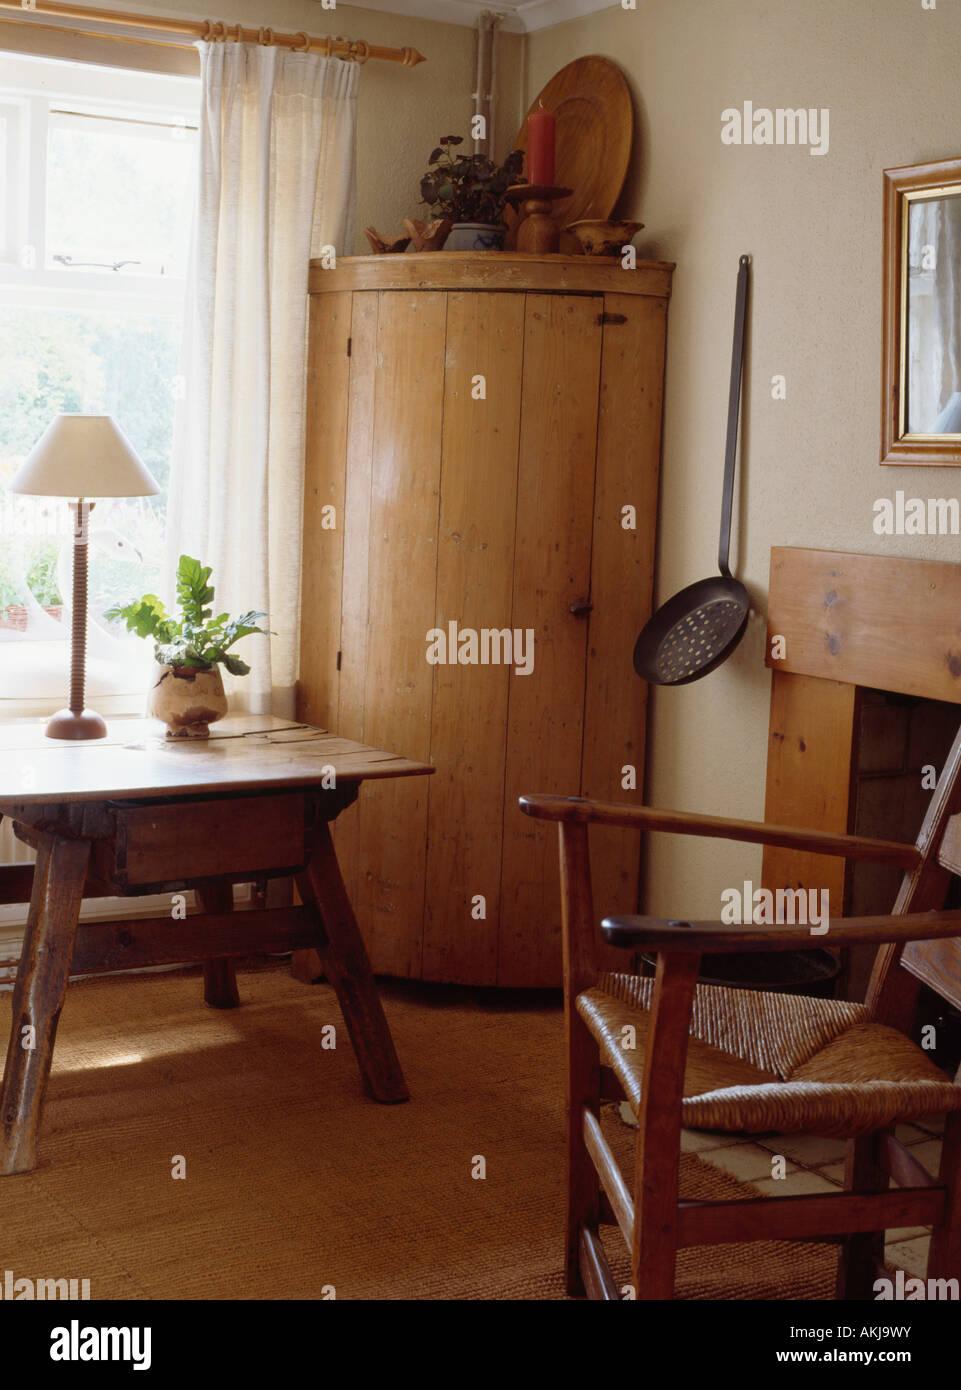 Charmant Panneaux Pin Antique Encoignure De Style Shaker Salle à Manger Avec Rush  Assis Une Chaise Et Du0027une Petite Table Ancienne